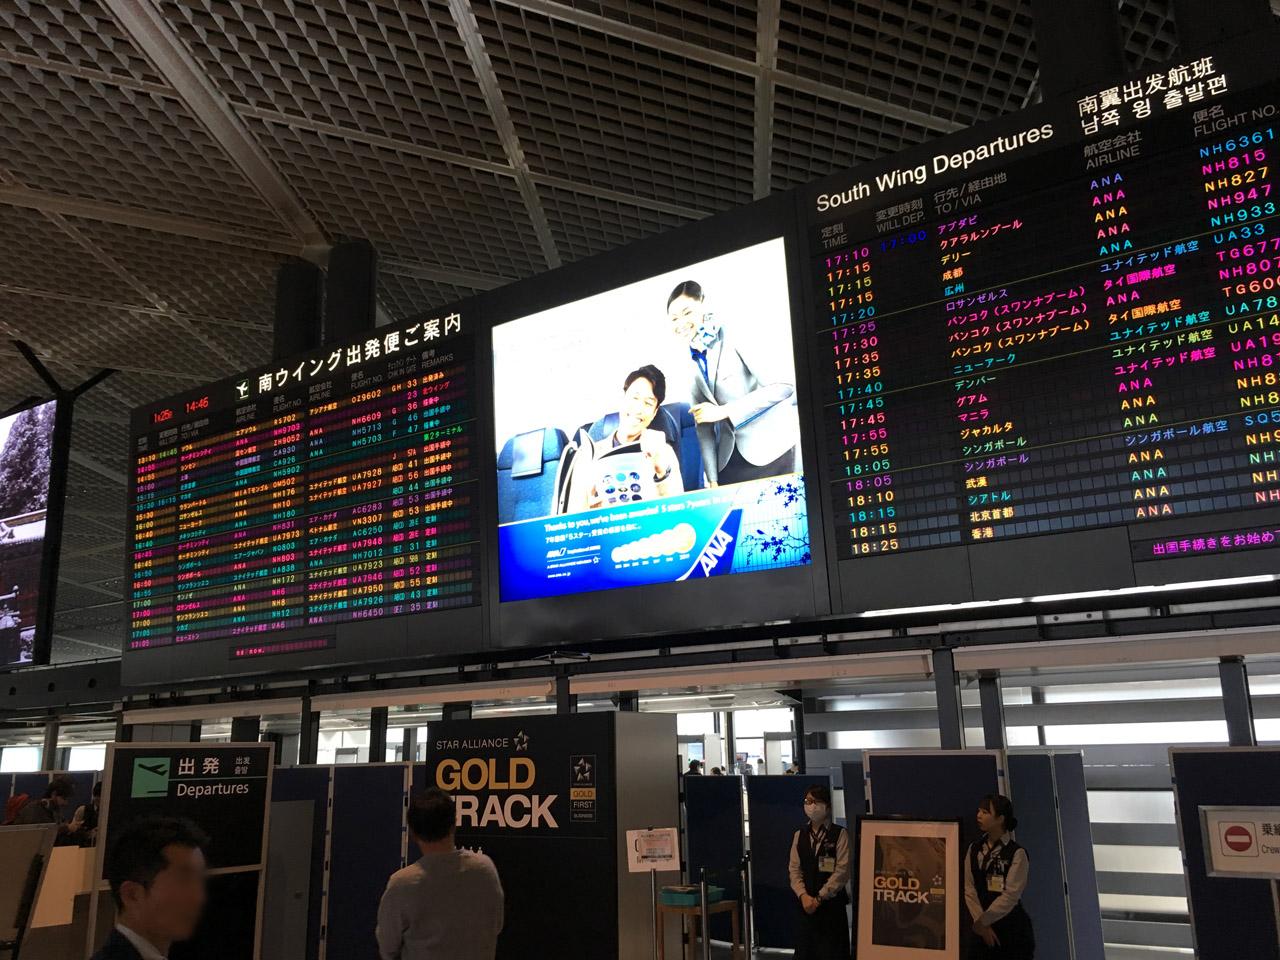 成田空港,第1ターミナル,出発ロビー,電光掲示板